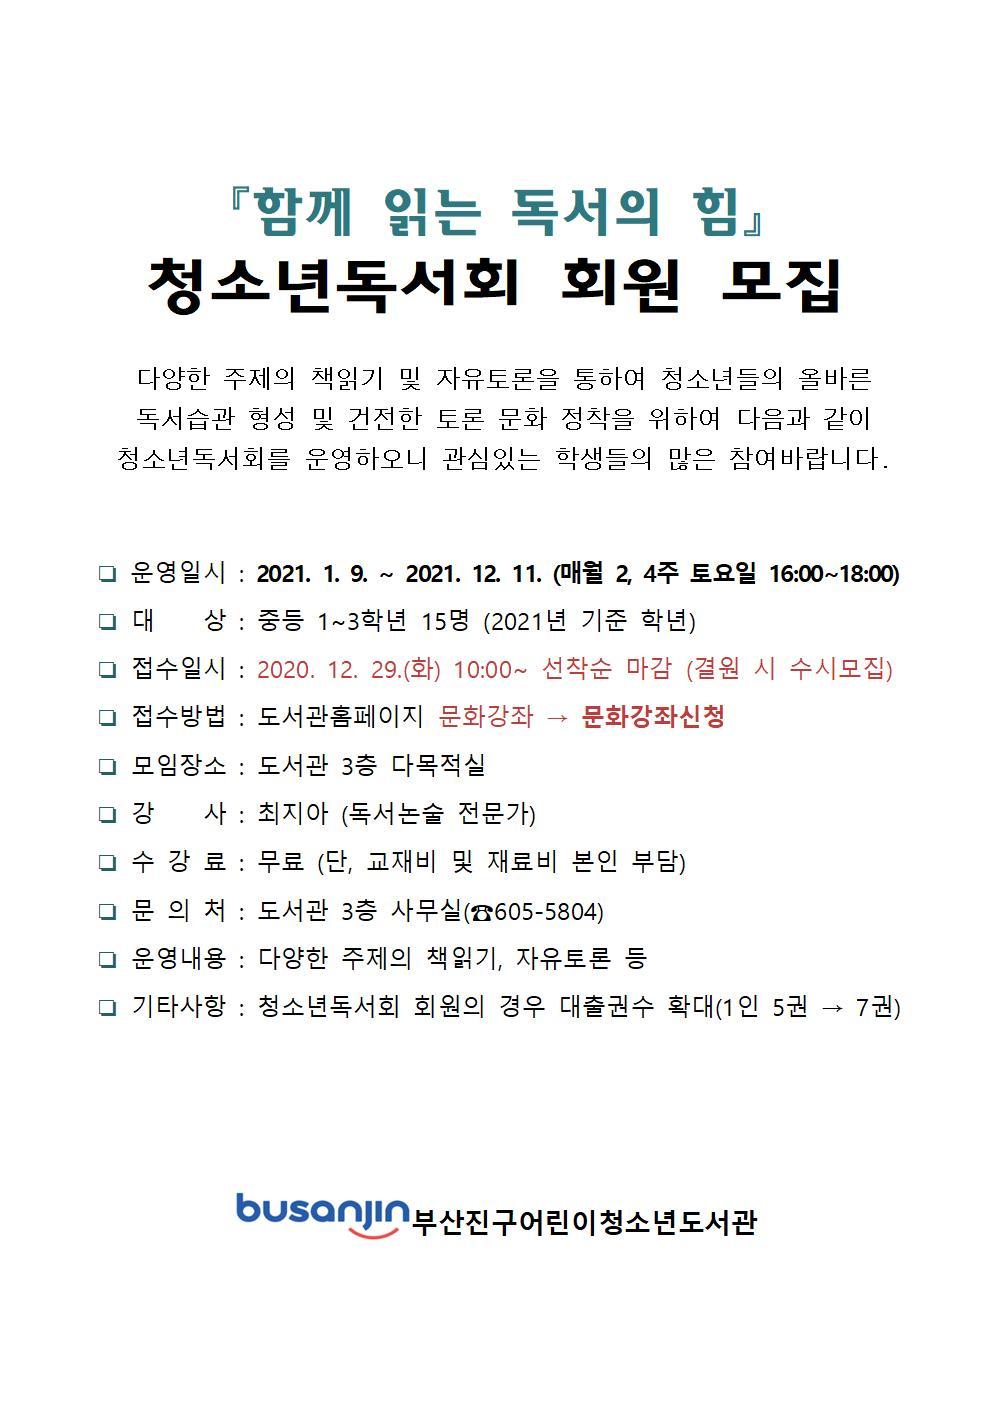 2021년 청소년독서회(빛솔독서회) 회원 모집 안내